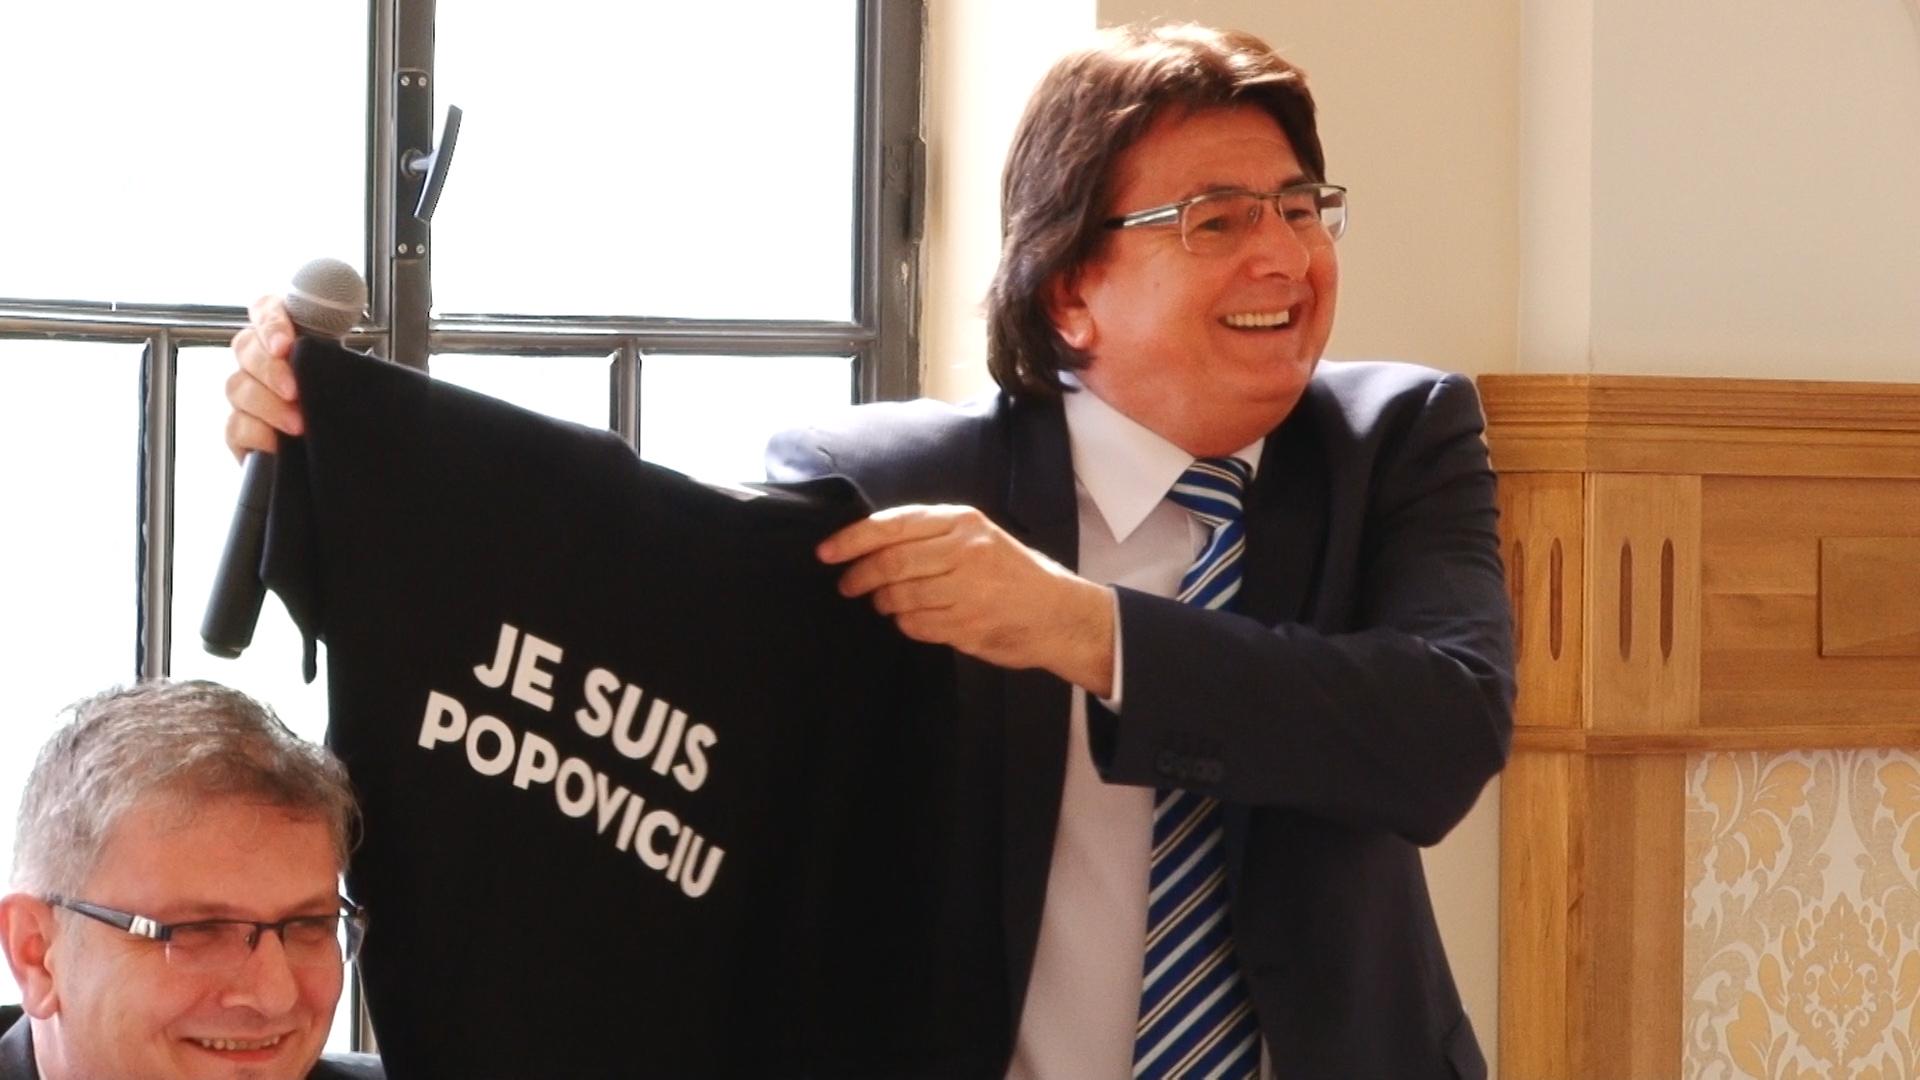 Primarul Robu şi consilierul Simonis, dispută pe… anchetatul Popoviciu.Still013